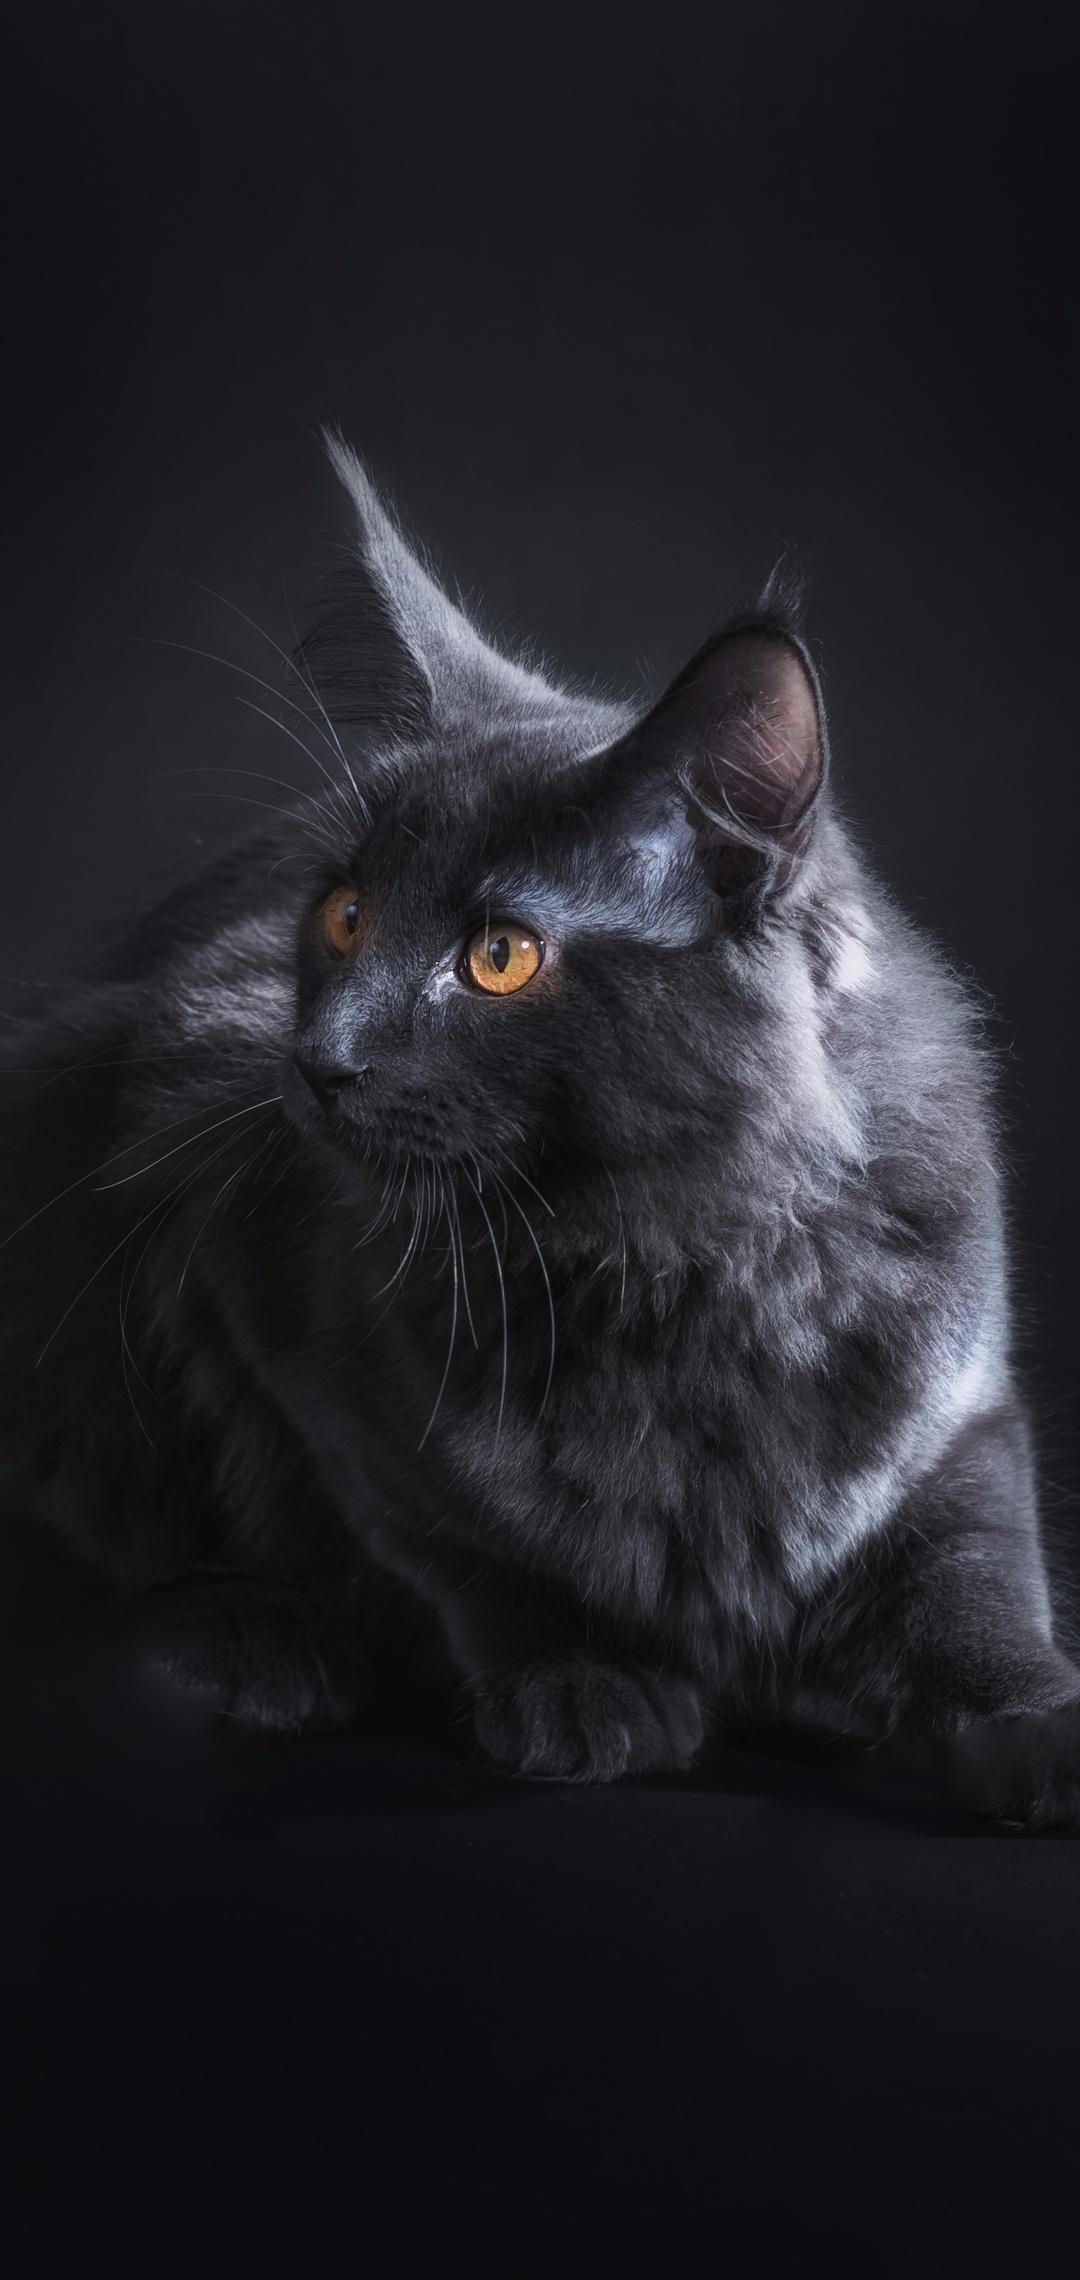 black-cat-5k-pk.jpg